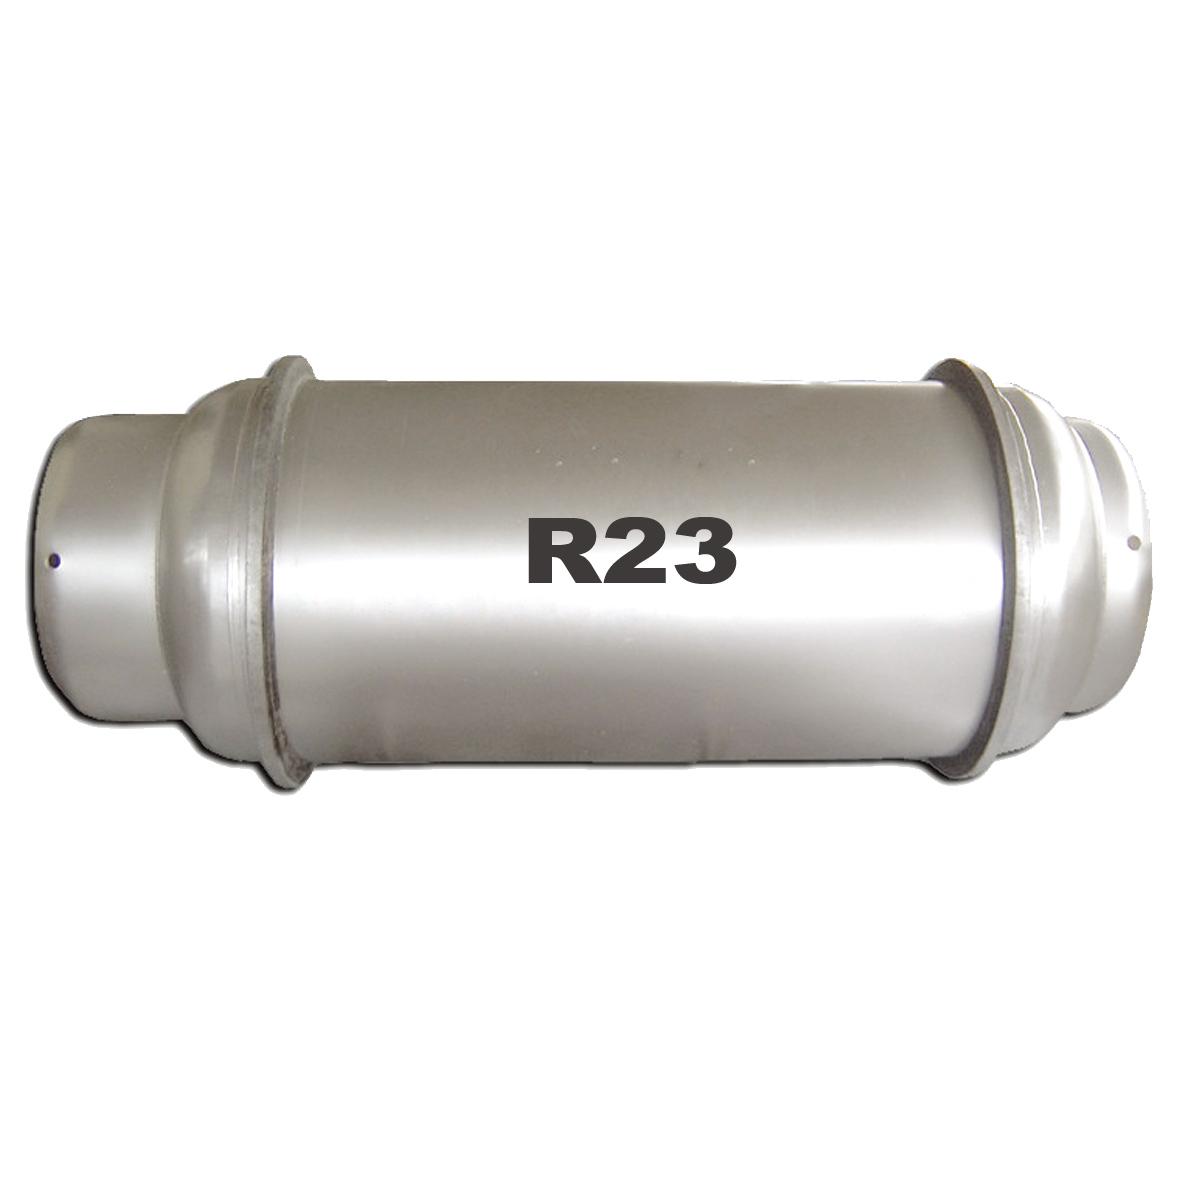 巨化 R23制冷剂